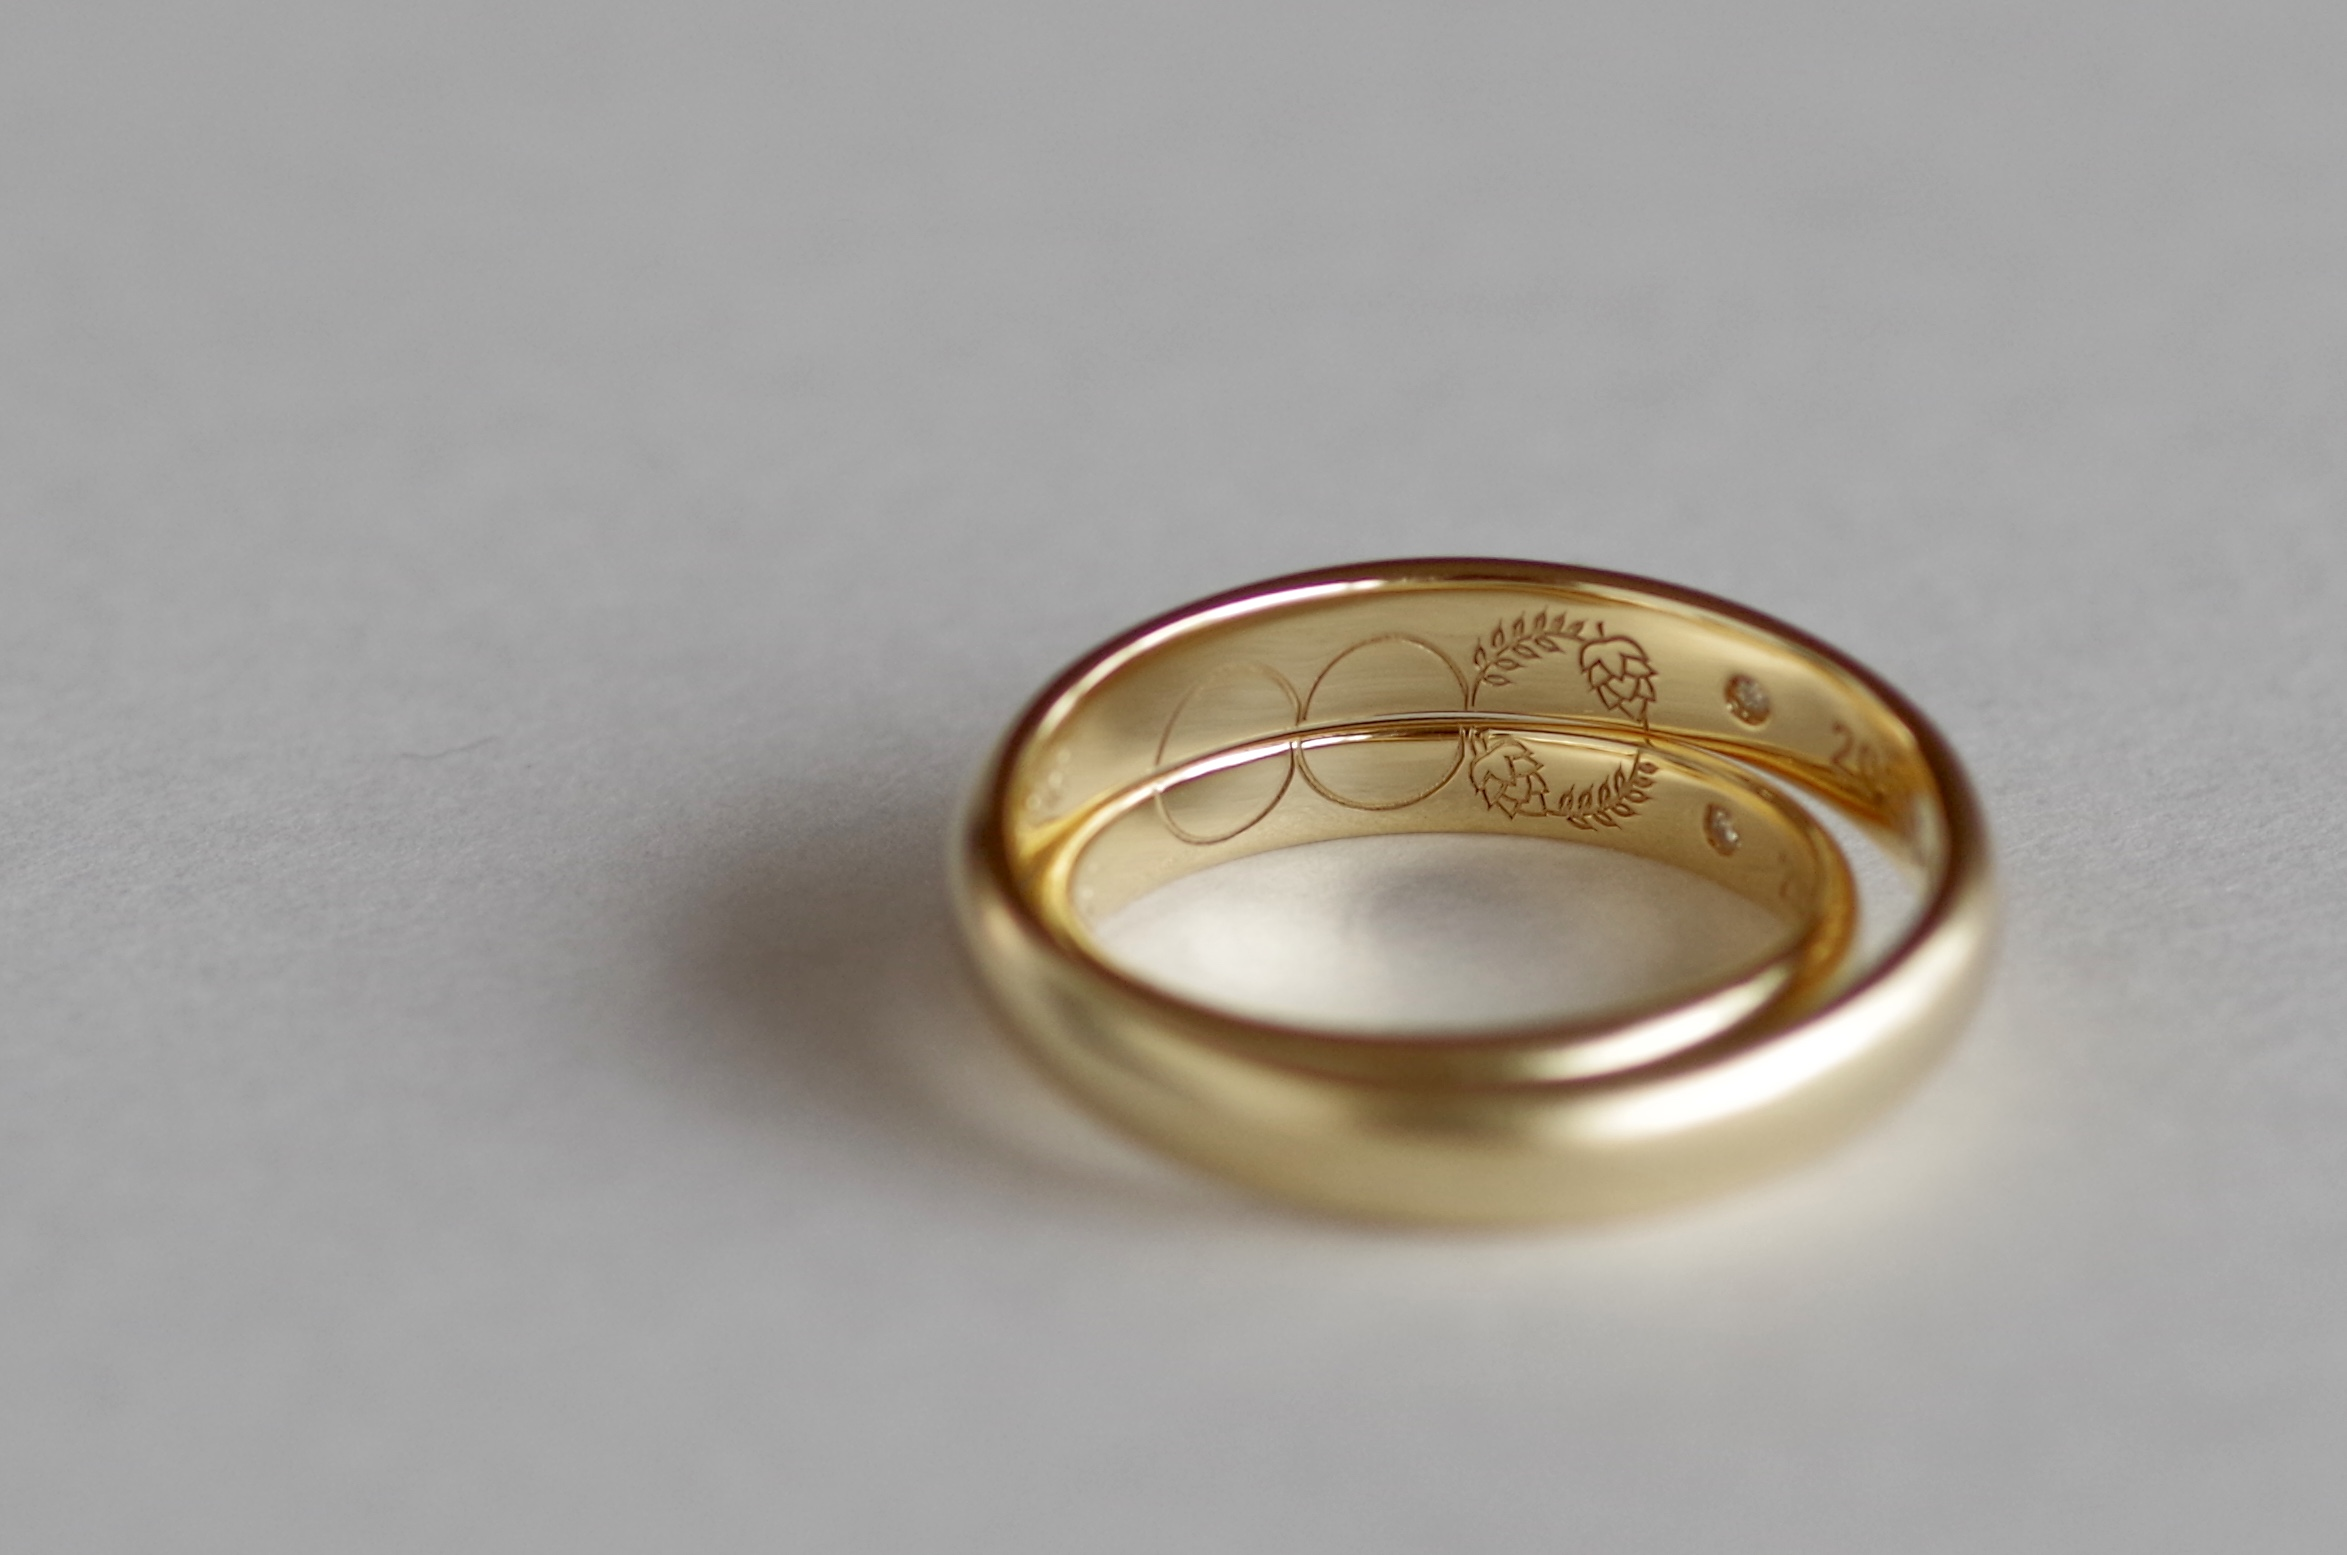 結婚指輪 オーダーメイド レーザー彫り レーザー刻印